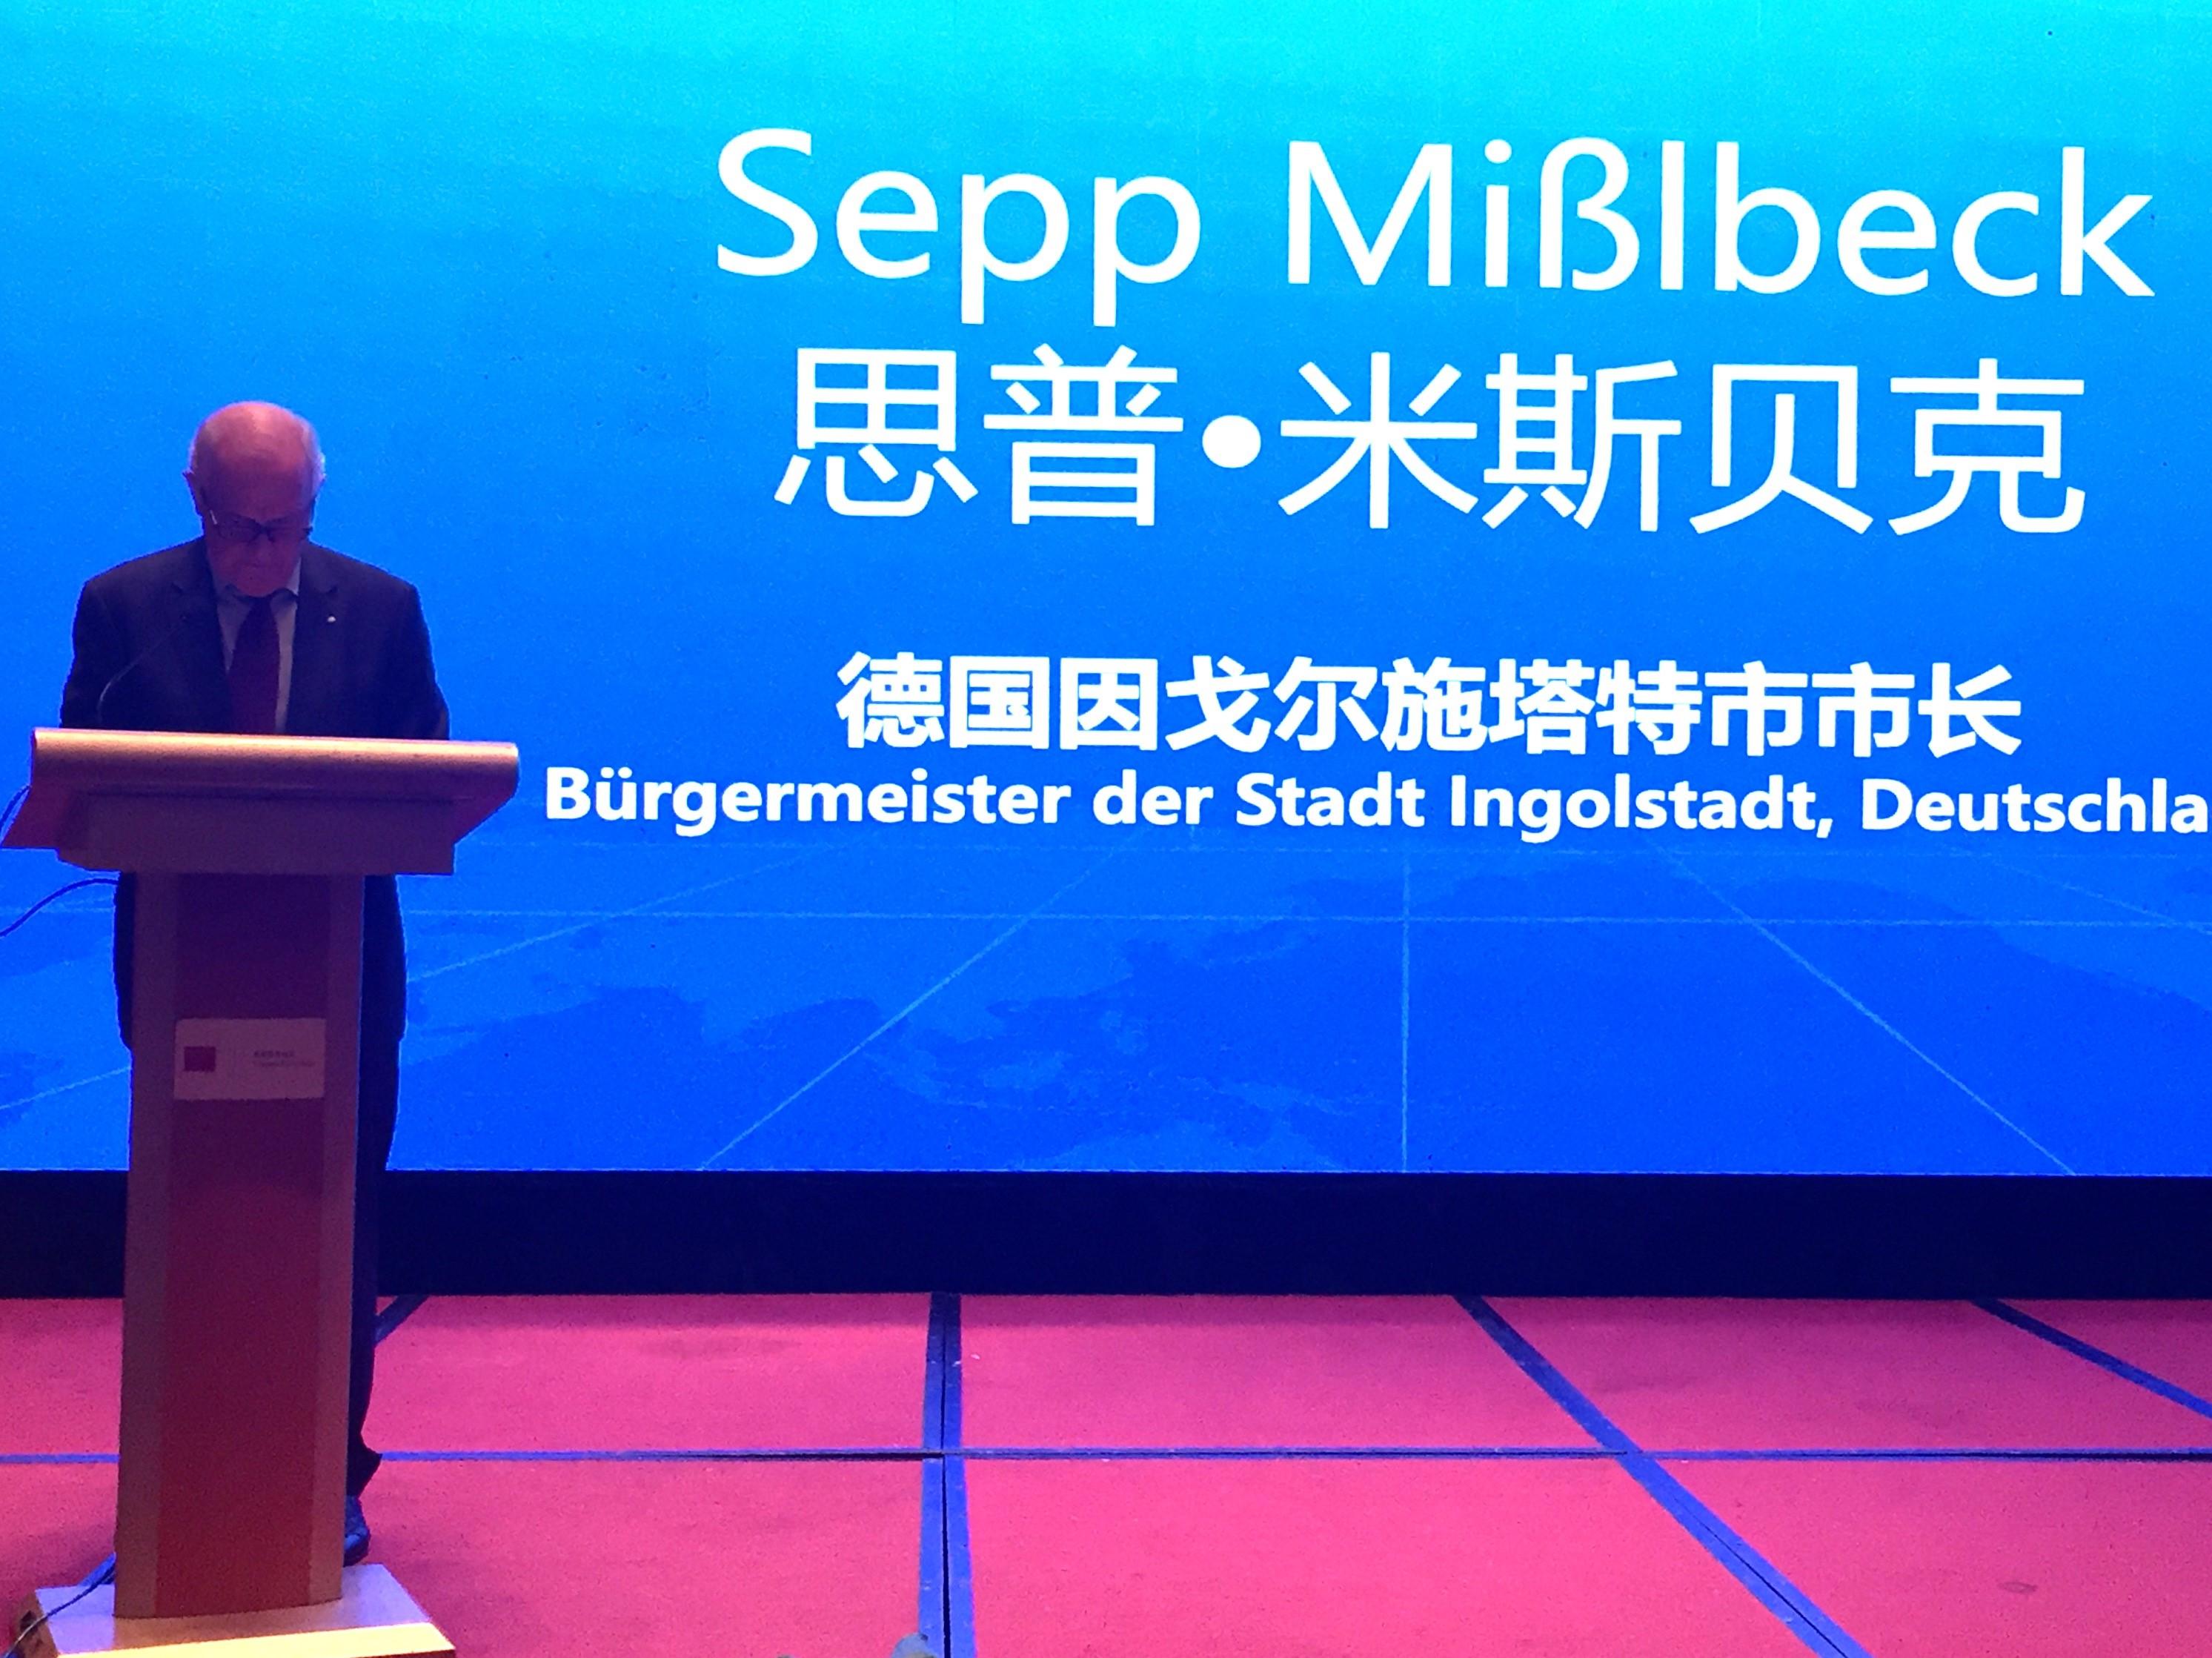 Bürgermeister Misslbeck bei seiner Grundsatzrede